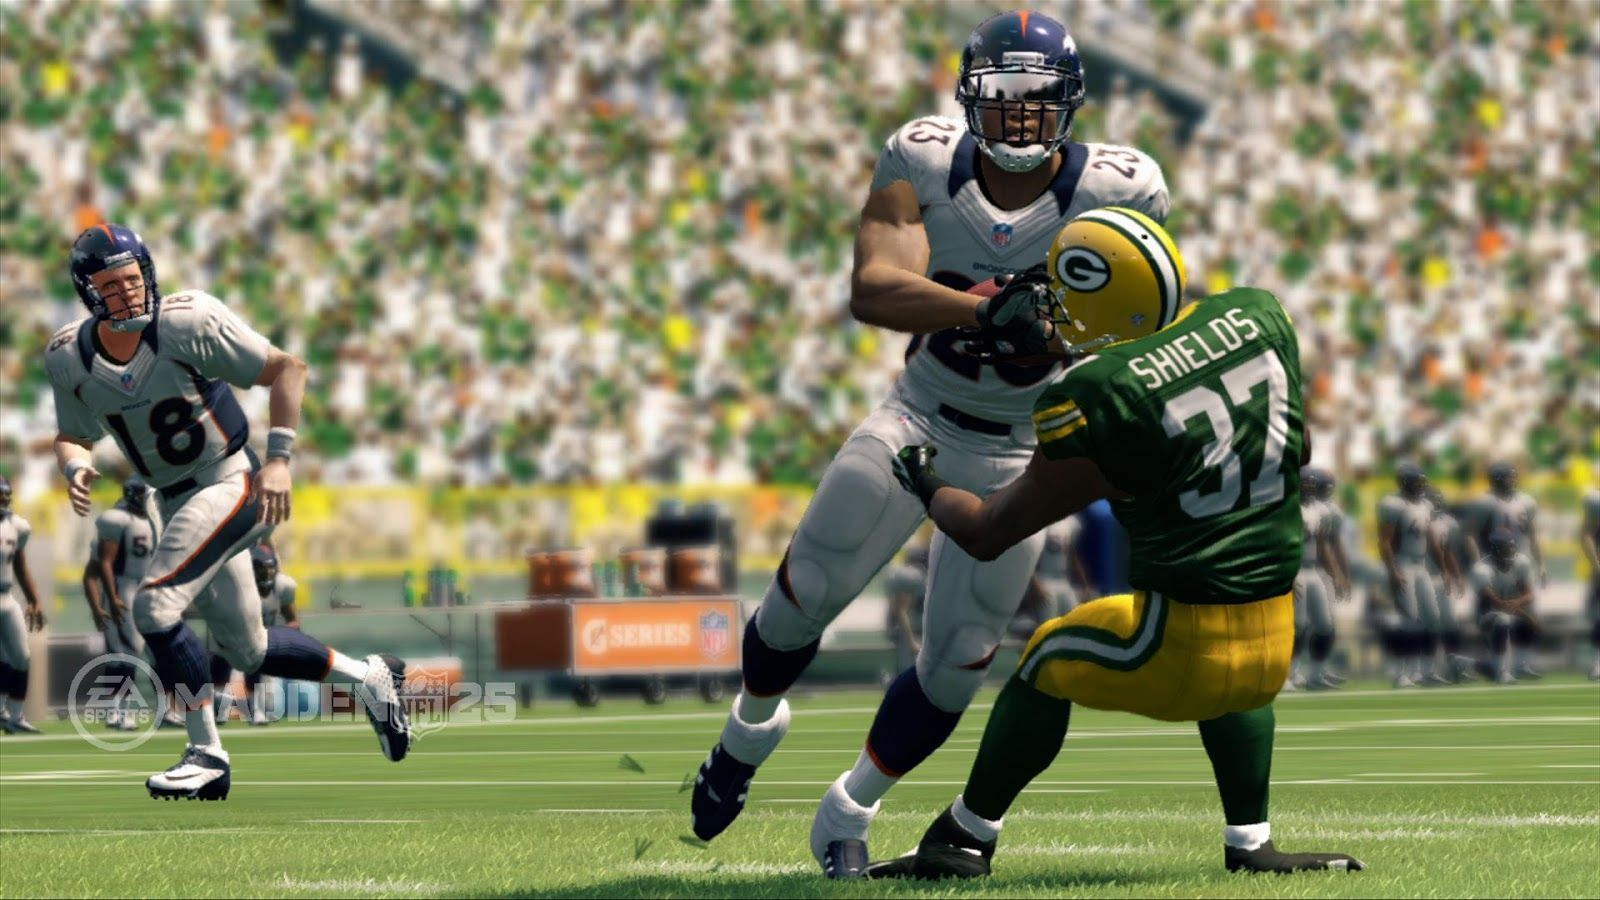 Madden NFL 25 Demo is released Madden nfl, Nfl, Broncos